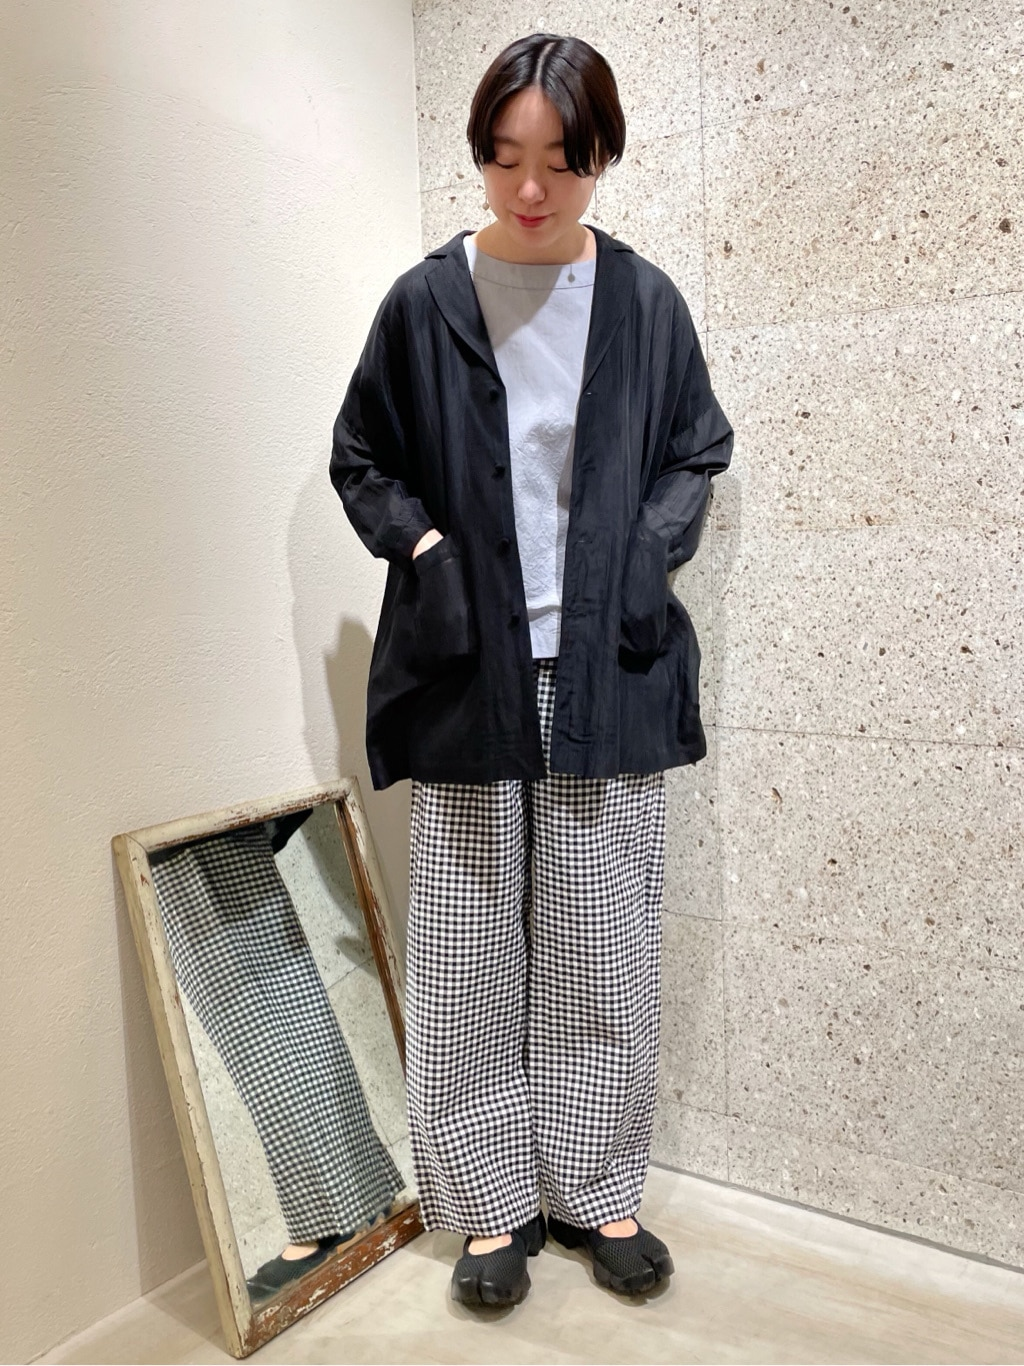 yuni ニュウマン横浜 身長:166cm 2021.04.07